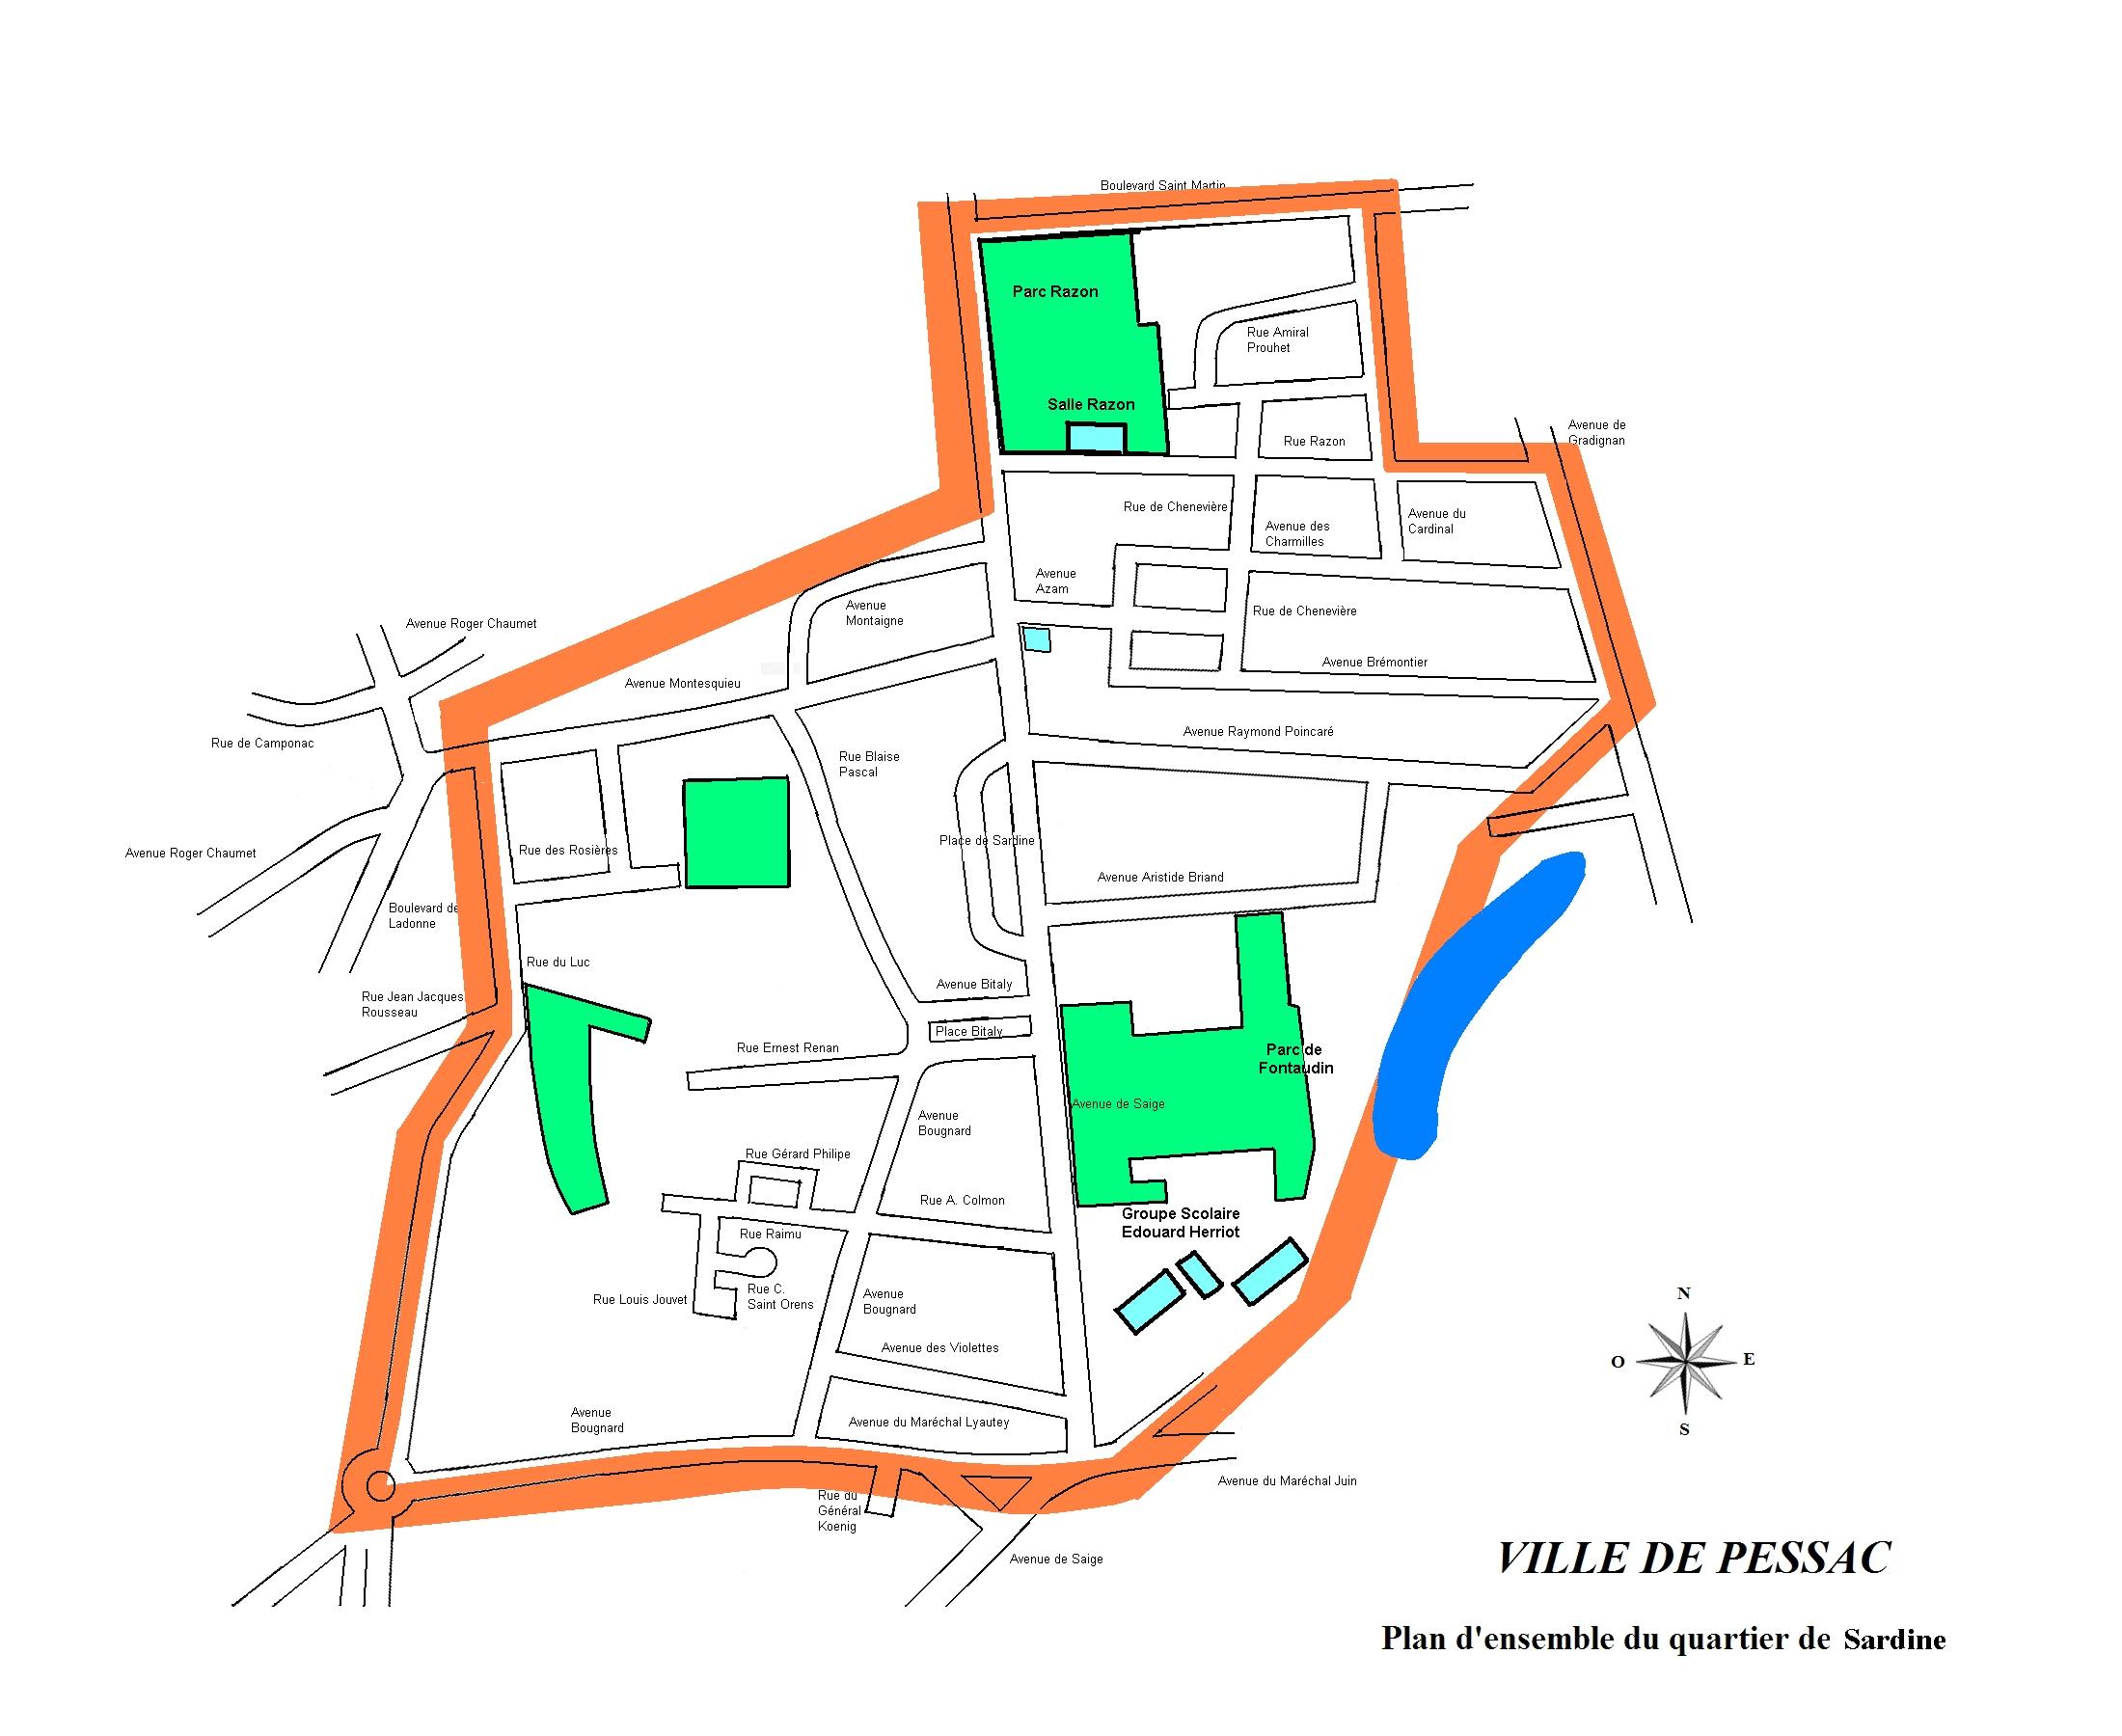 Plan du quartier Sardine à Pessac